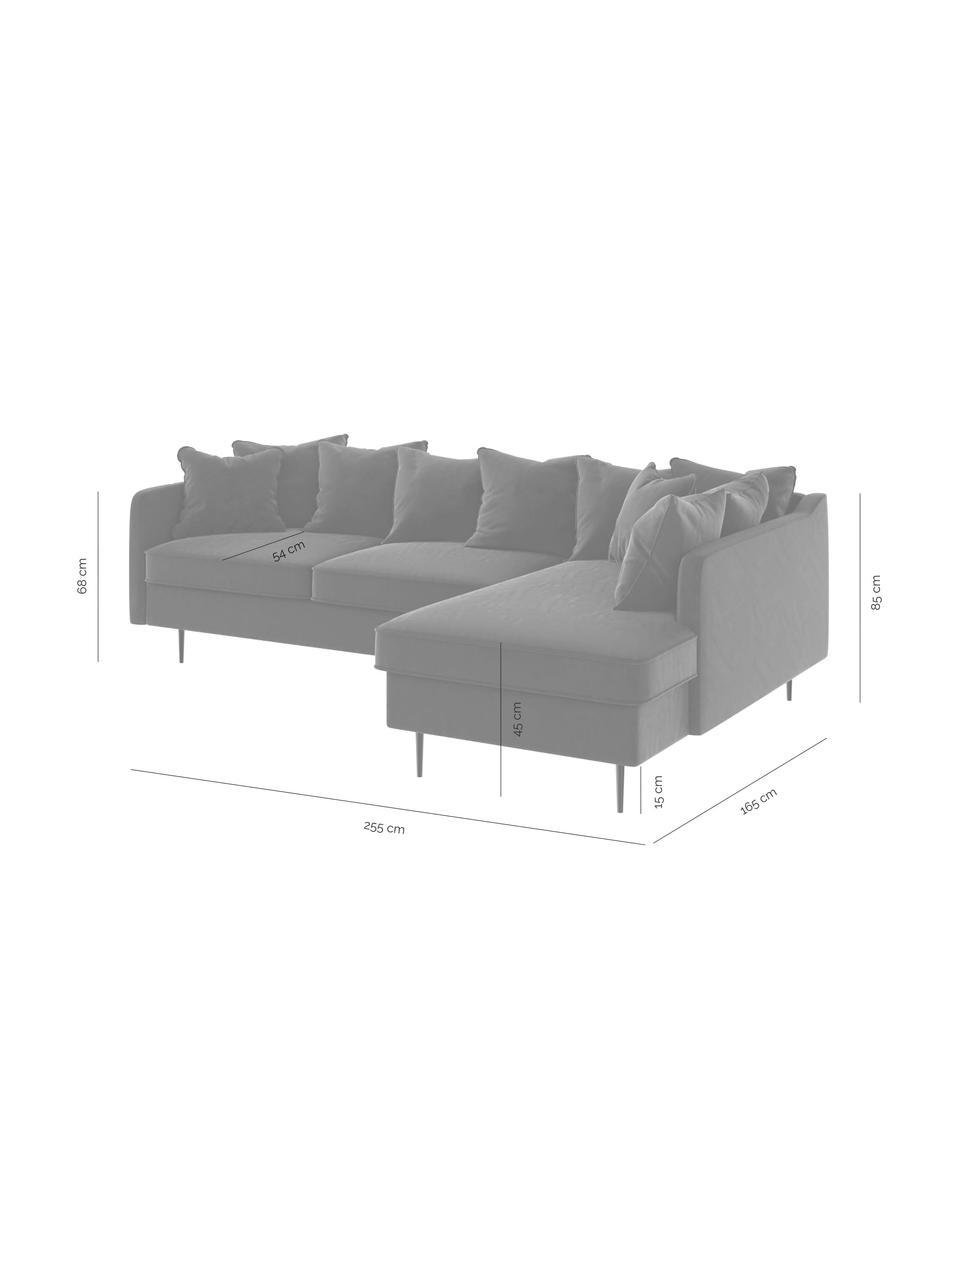 Sofa narożna z aksamitu Esme, Tapicerka: 100% aksamit poliestrowy, Stelaż: drewno liściaste, drewno , Nogi: metal powlekany Dzięki tk, Beżowy, S 255 x G 165 cm